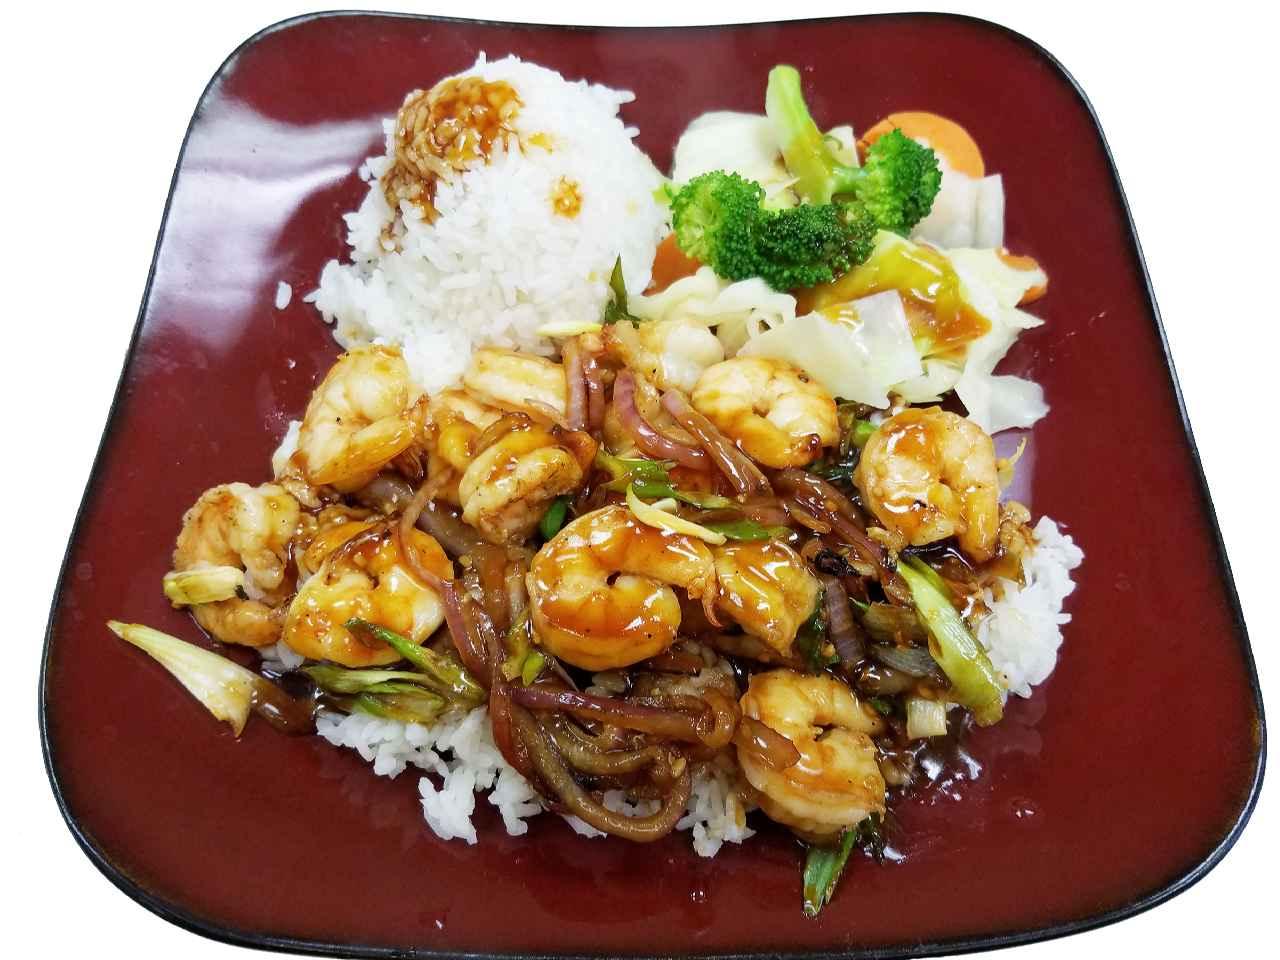 13. Teriyaki Shrimp